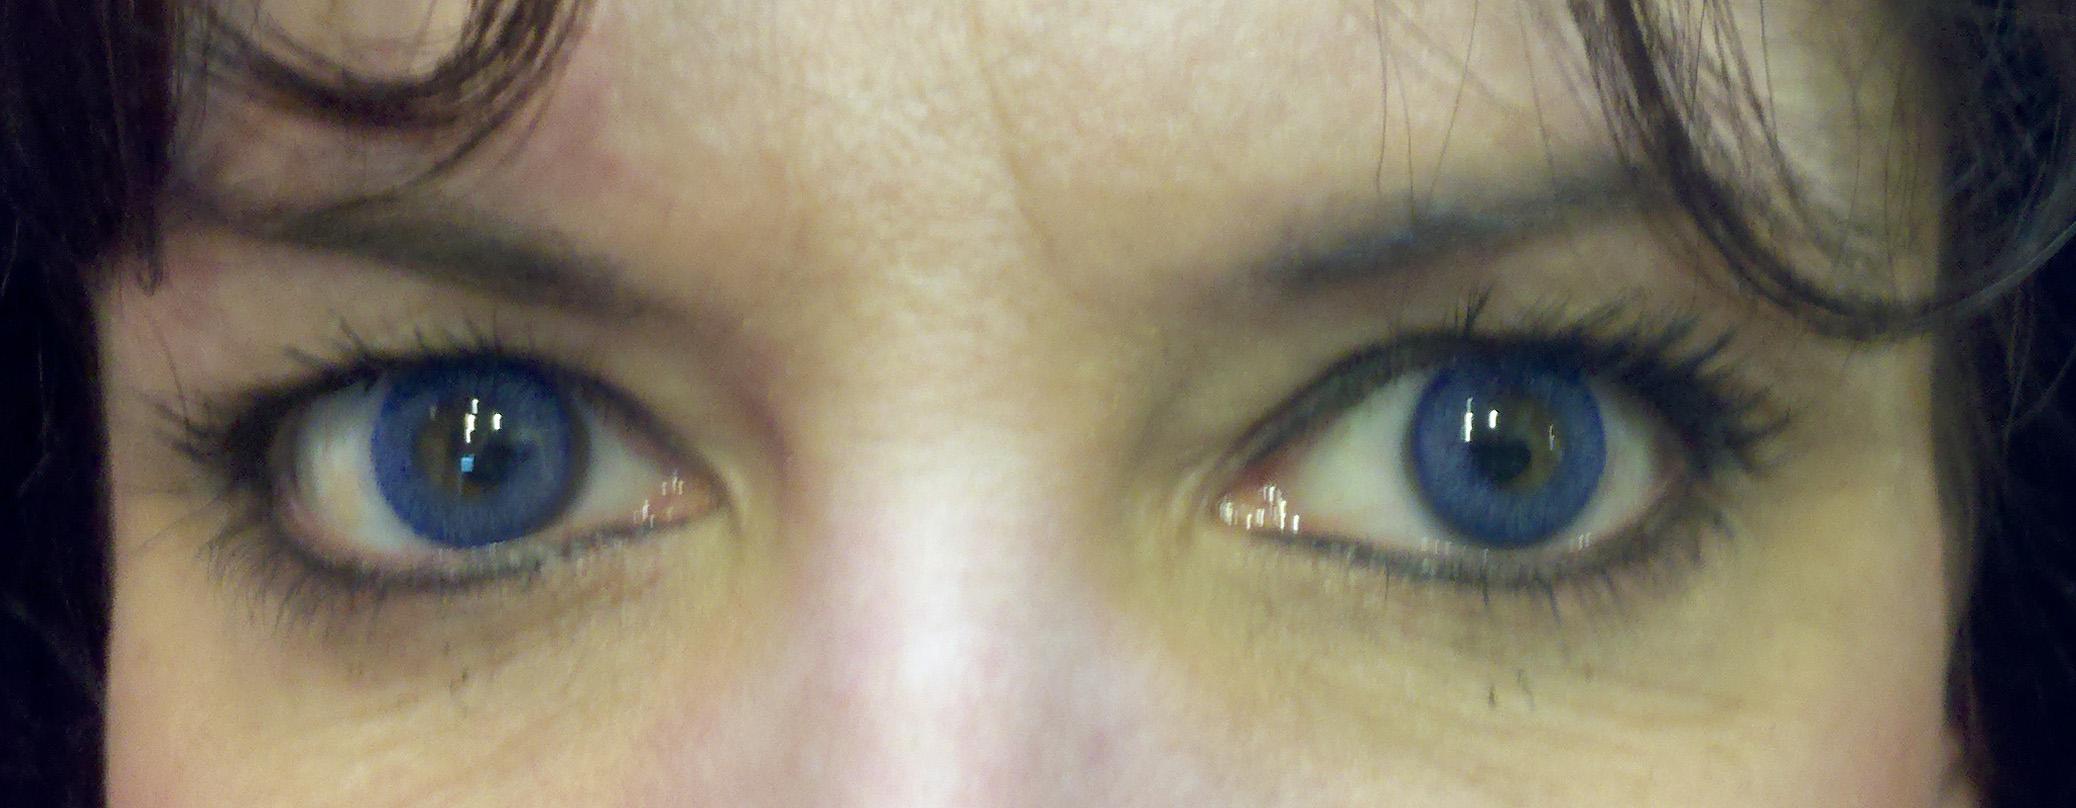 brows 30 healed.jpg